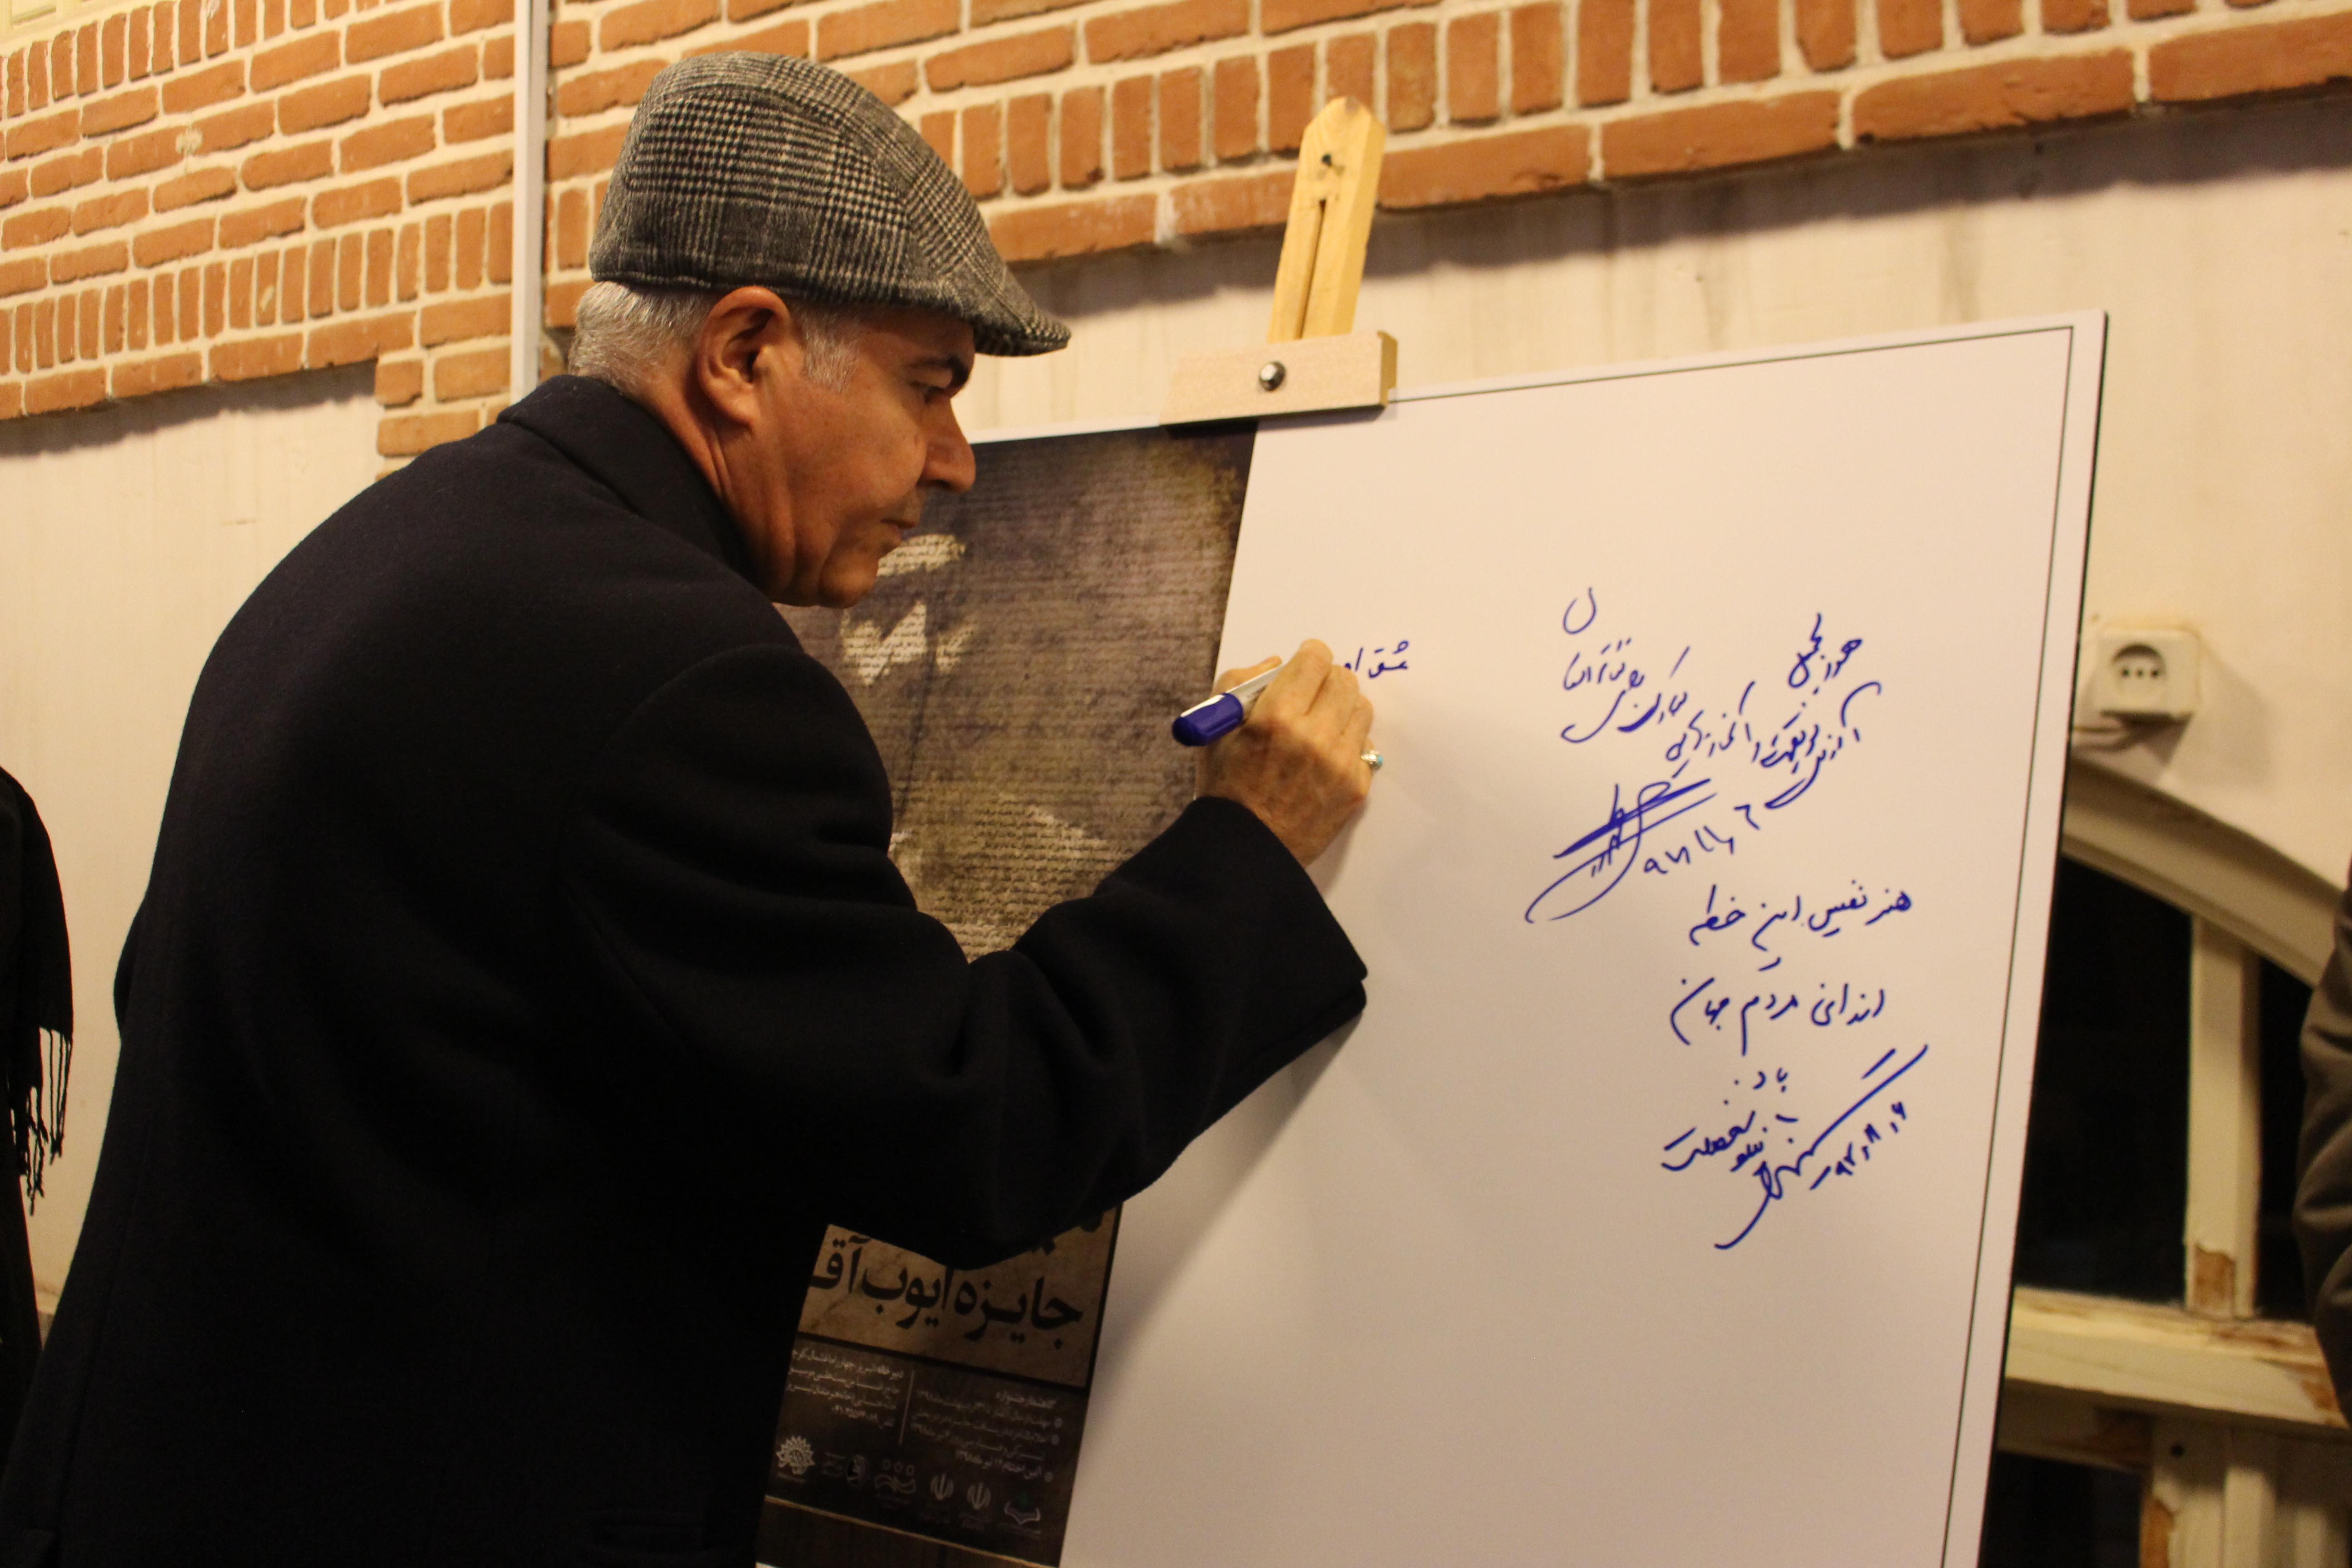 گزارش تصویری از رونمایی جشنواره نمایشنامه نویسی میرزا آقا تبریزی